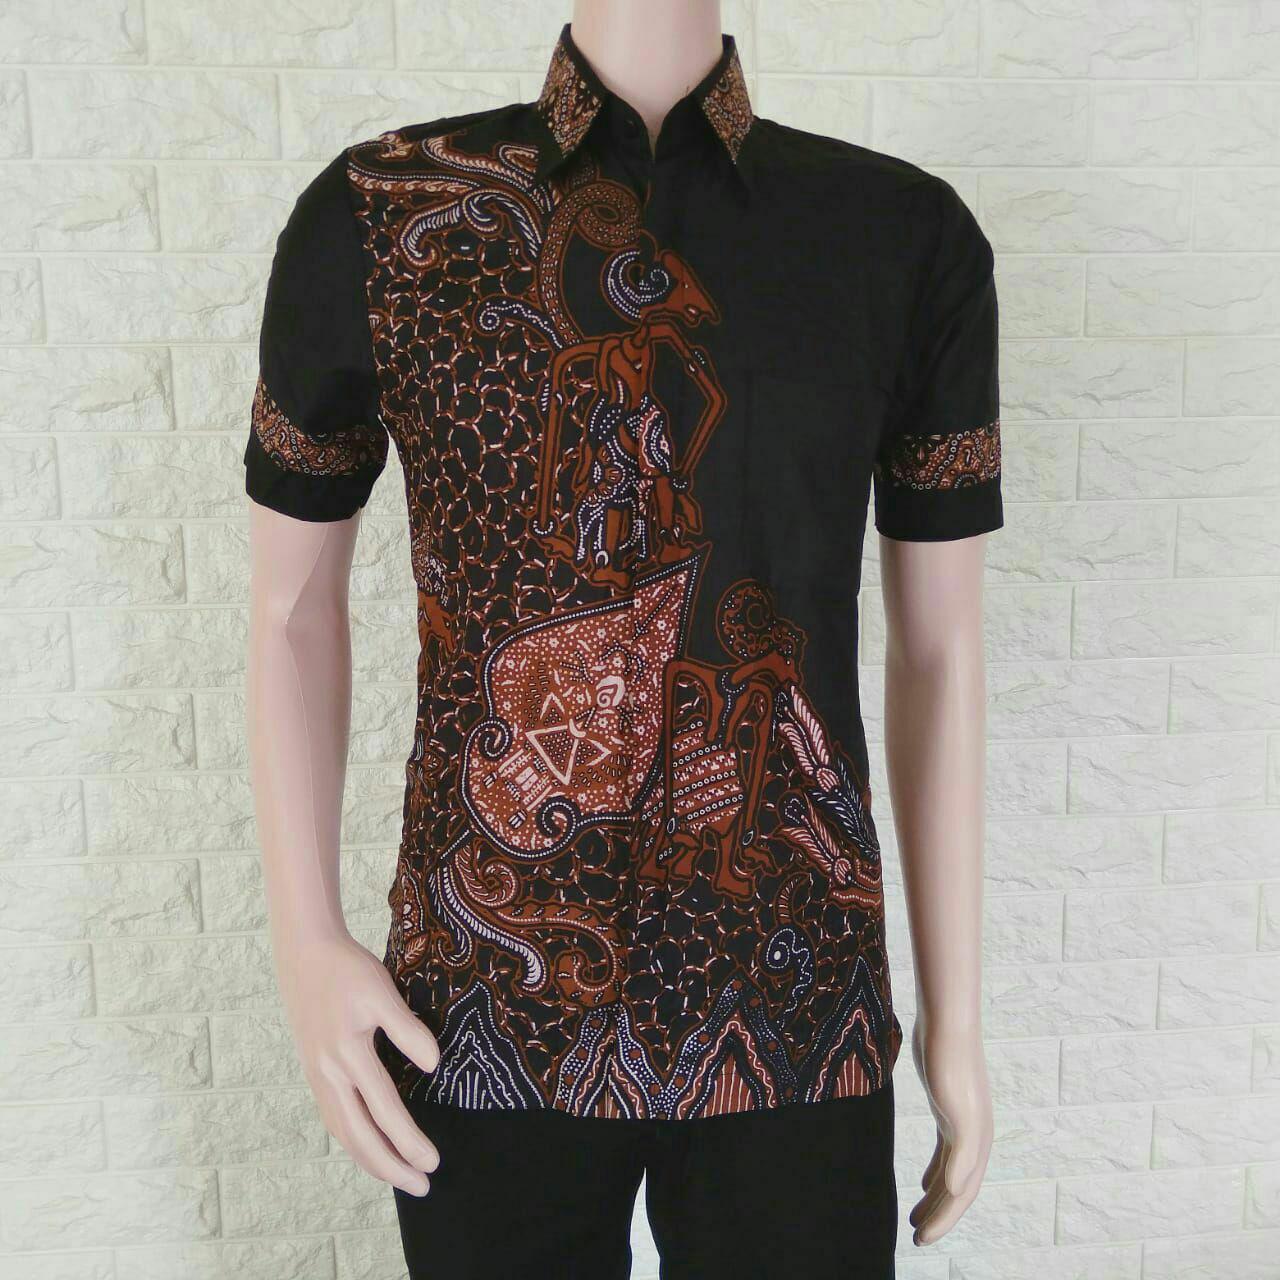 Batik Nandhut Hem Pria 3893 Beli Harga Murah Djoeragan Kemeja Modern Lk7a Kantor Laki Cowo Jual Baju Pekalongan Motif Wayang Coklat